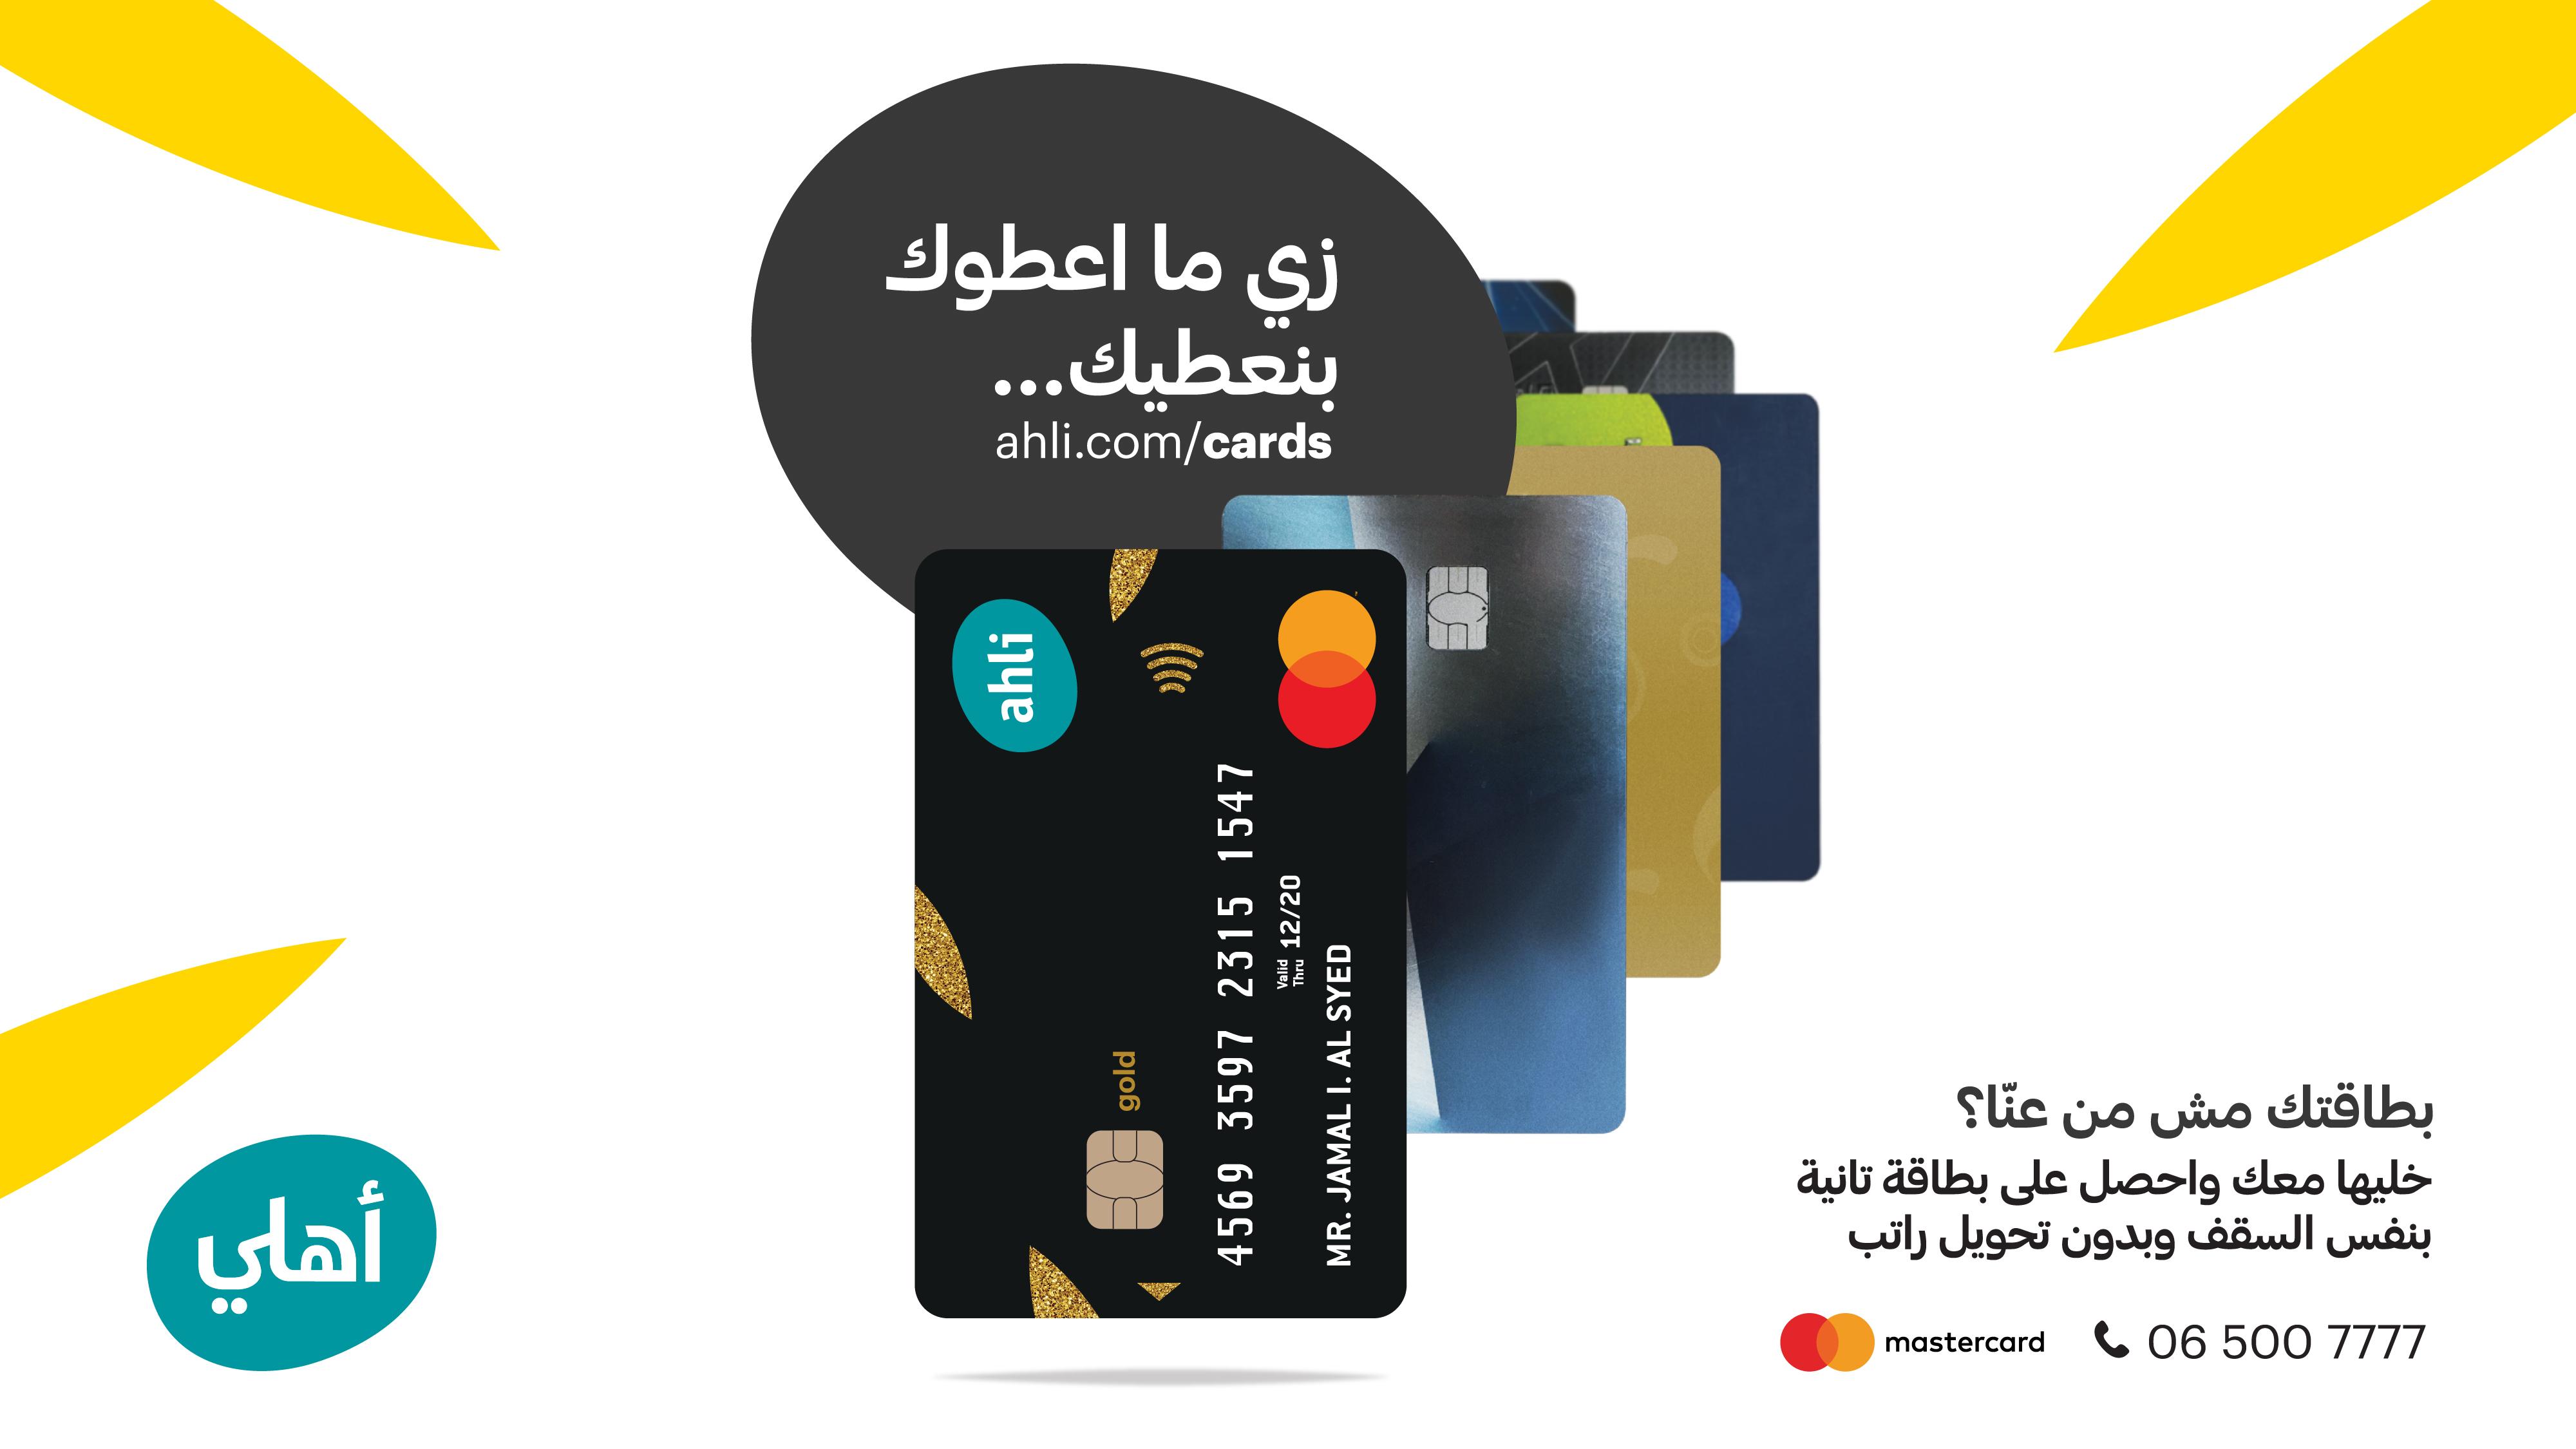 """البنك الأهلي يطلق حملة""""زي ما أعطوك بنعطيك"""" للبطاقات الأئتمانية"""